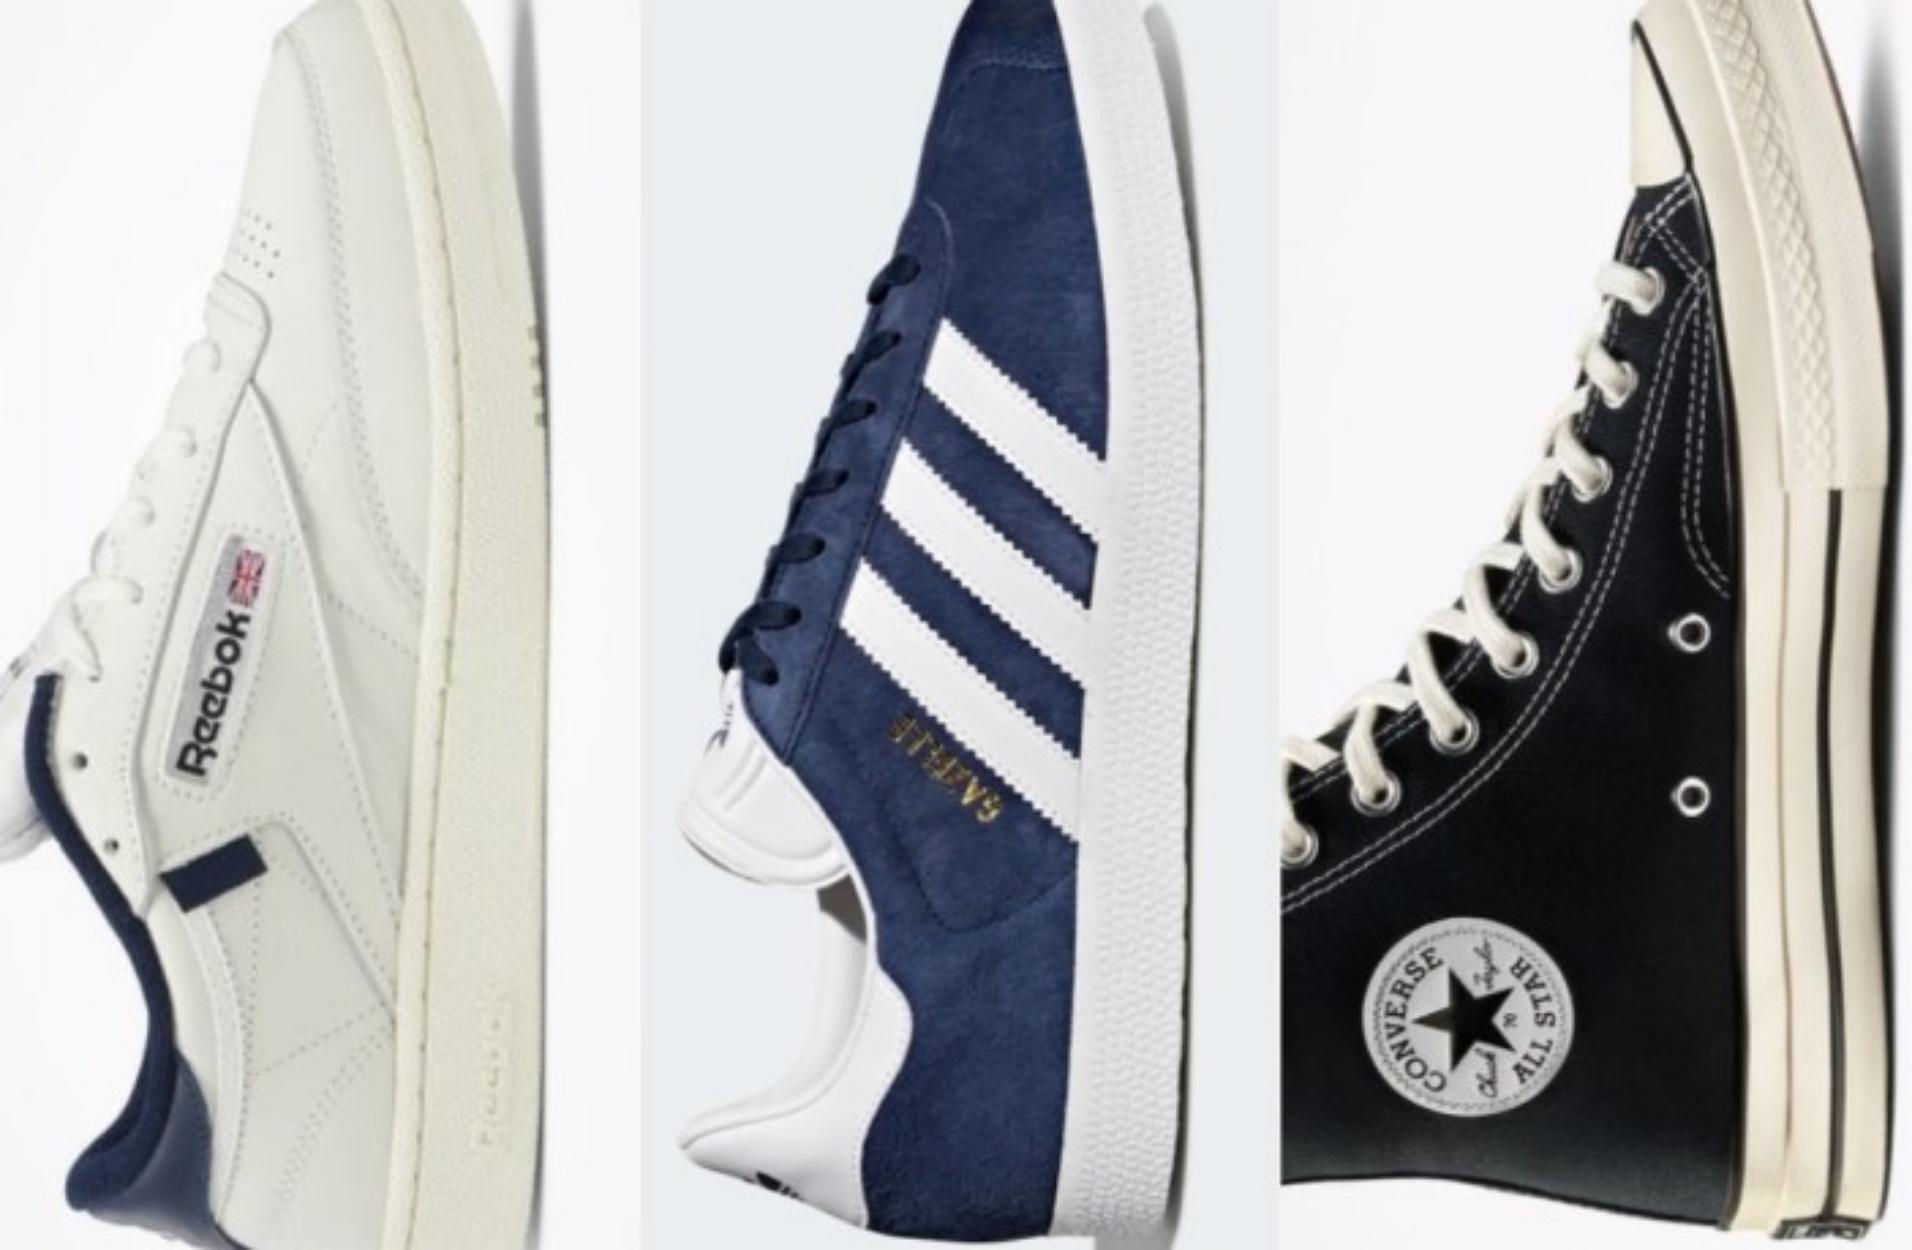 10 κλασικά sneakers που δεν θα σας κοστίσουν πάνω από 100 ευρώ